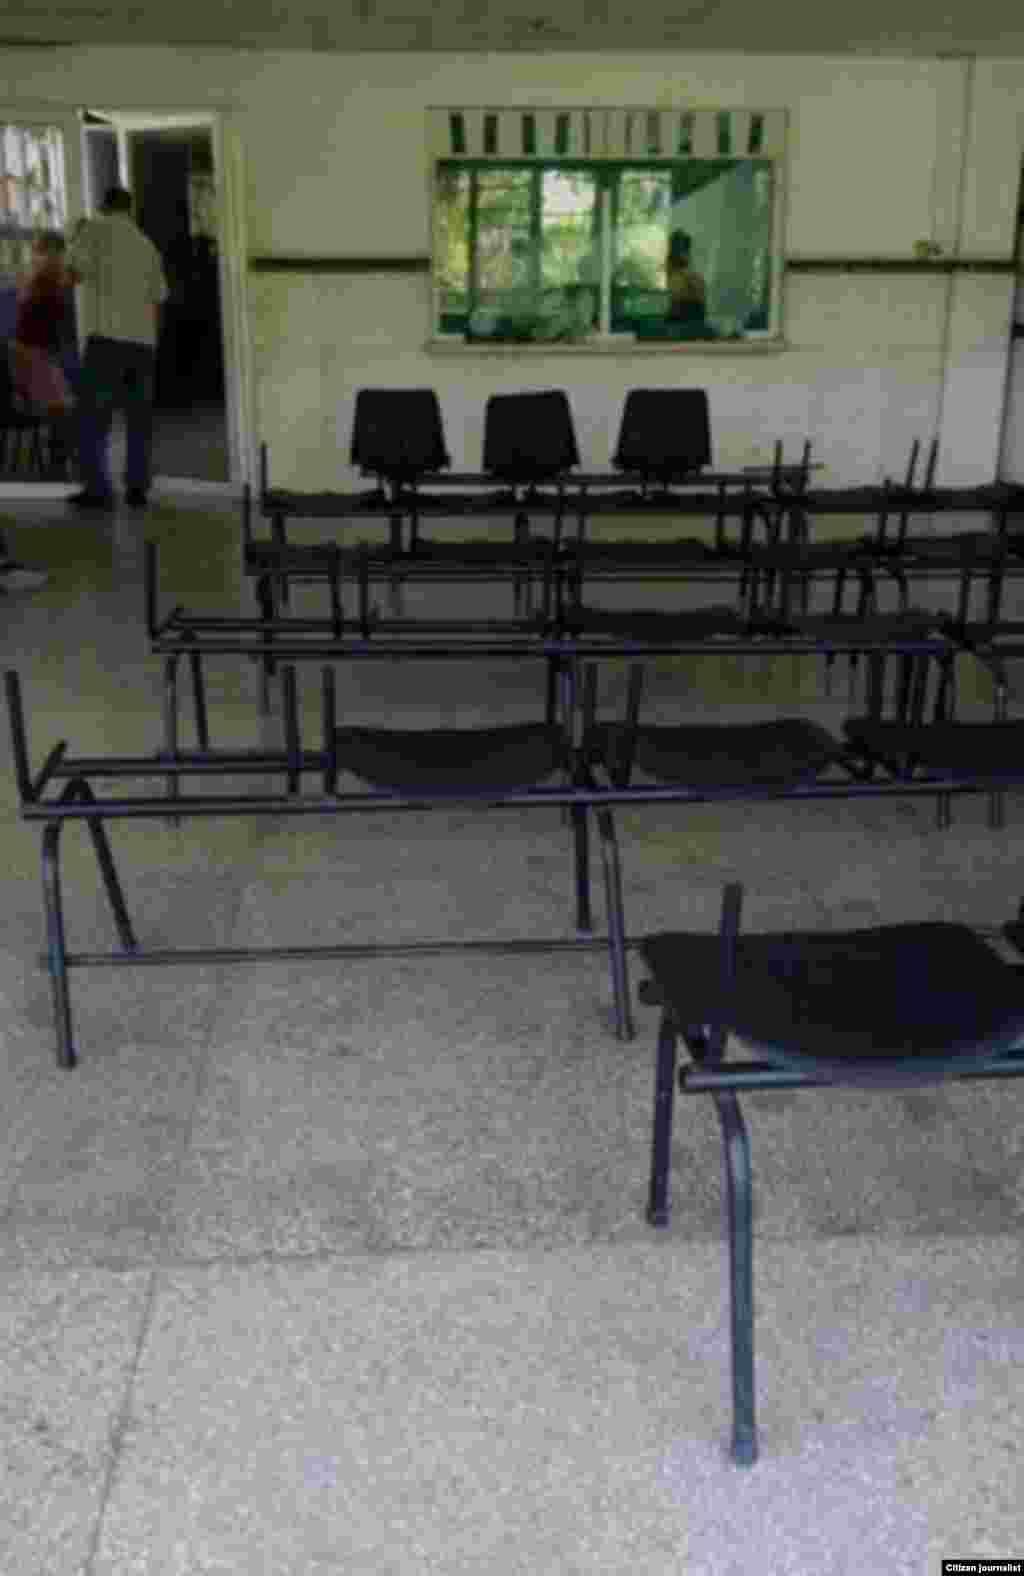 Reporta Cuba: Hospital Celia Sánchez Campechuela con esta sala para esperar que el údico los atienda, Foto Rudi Batista.